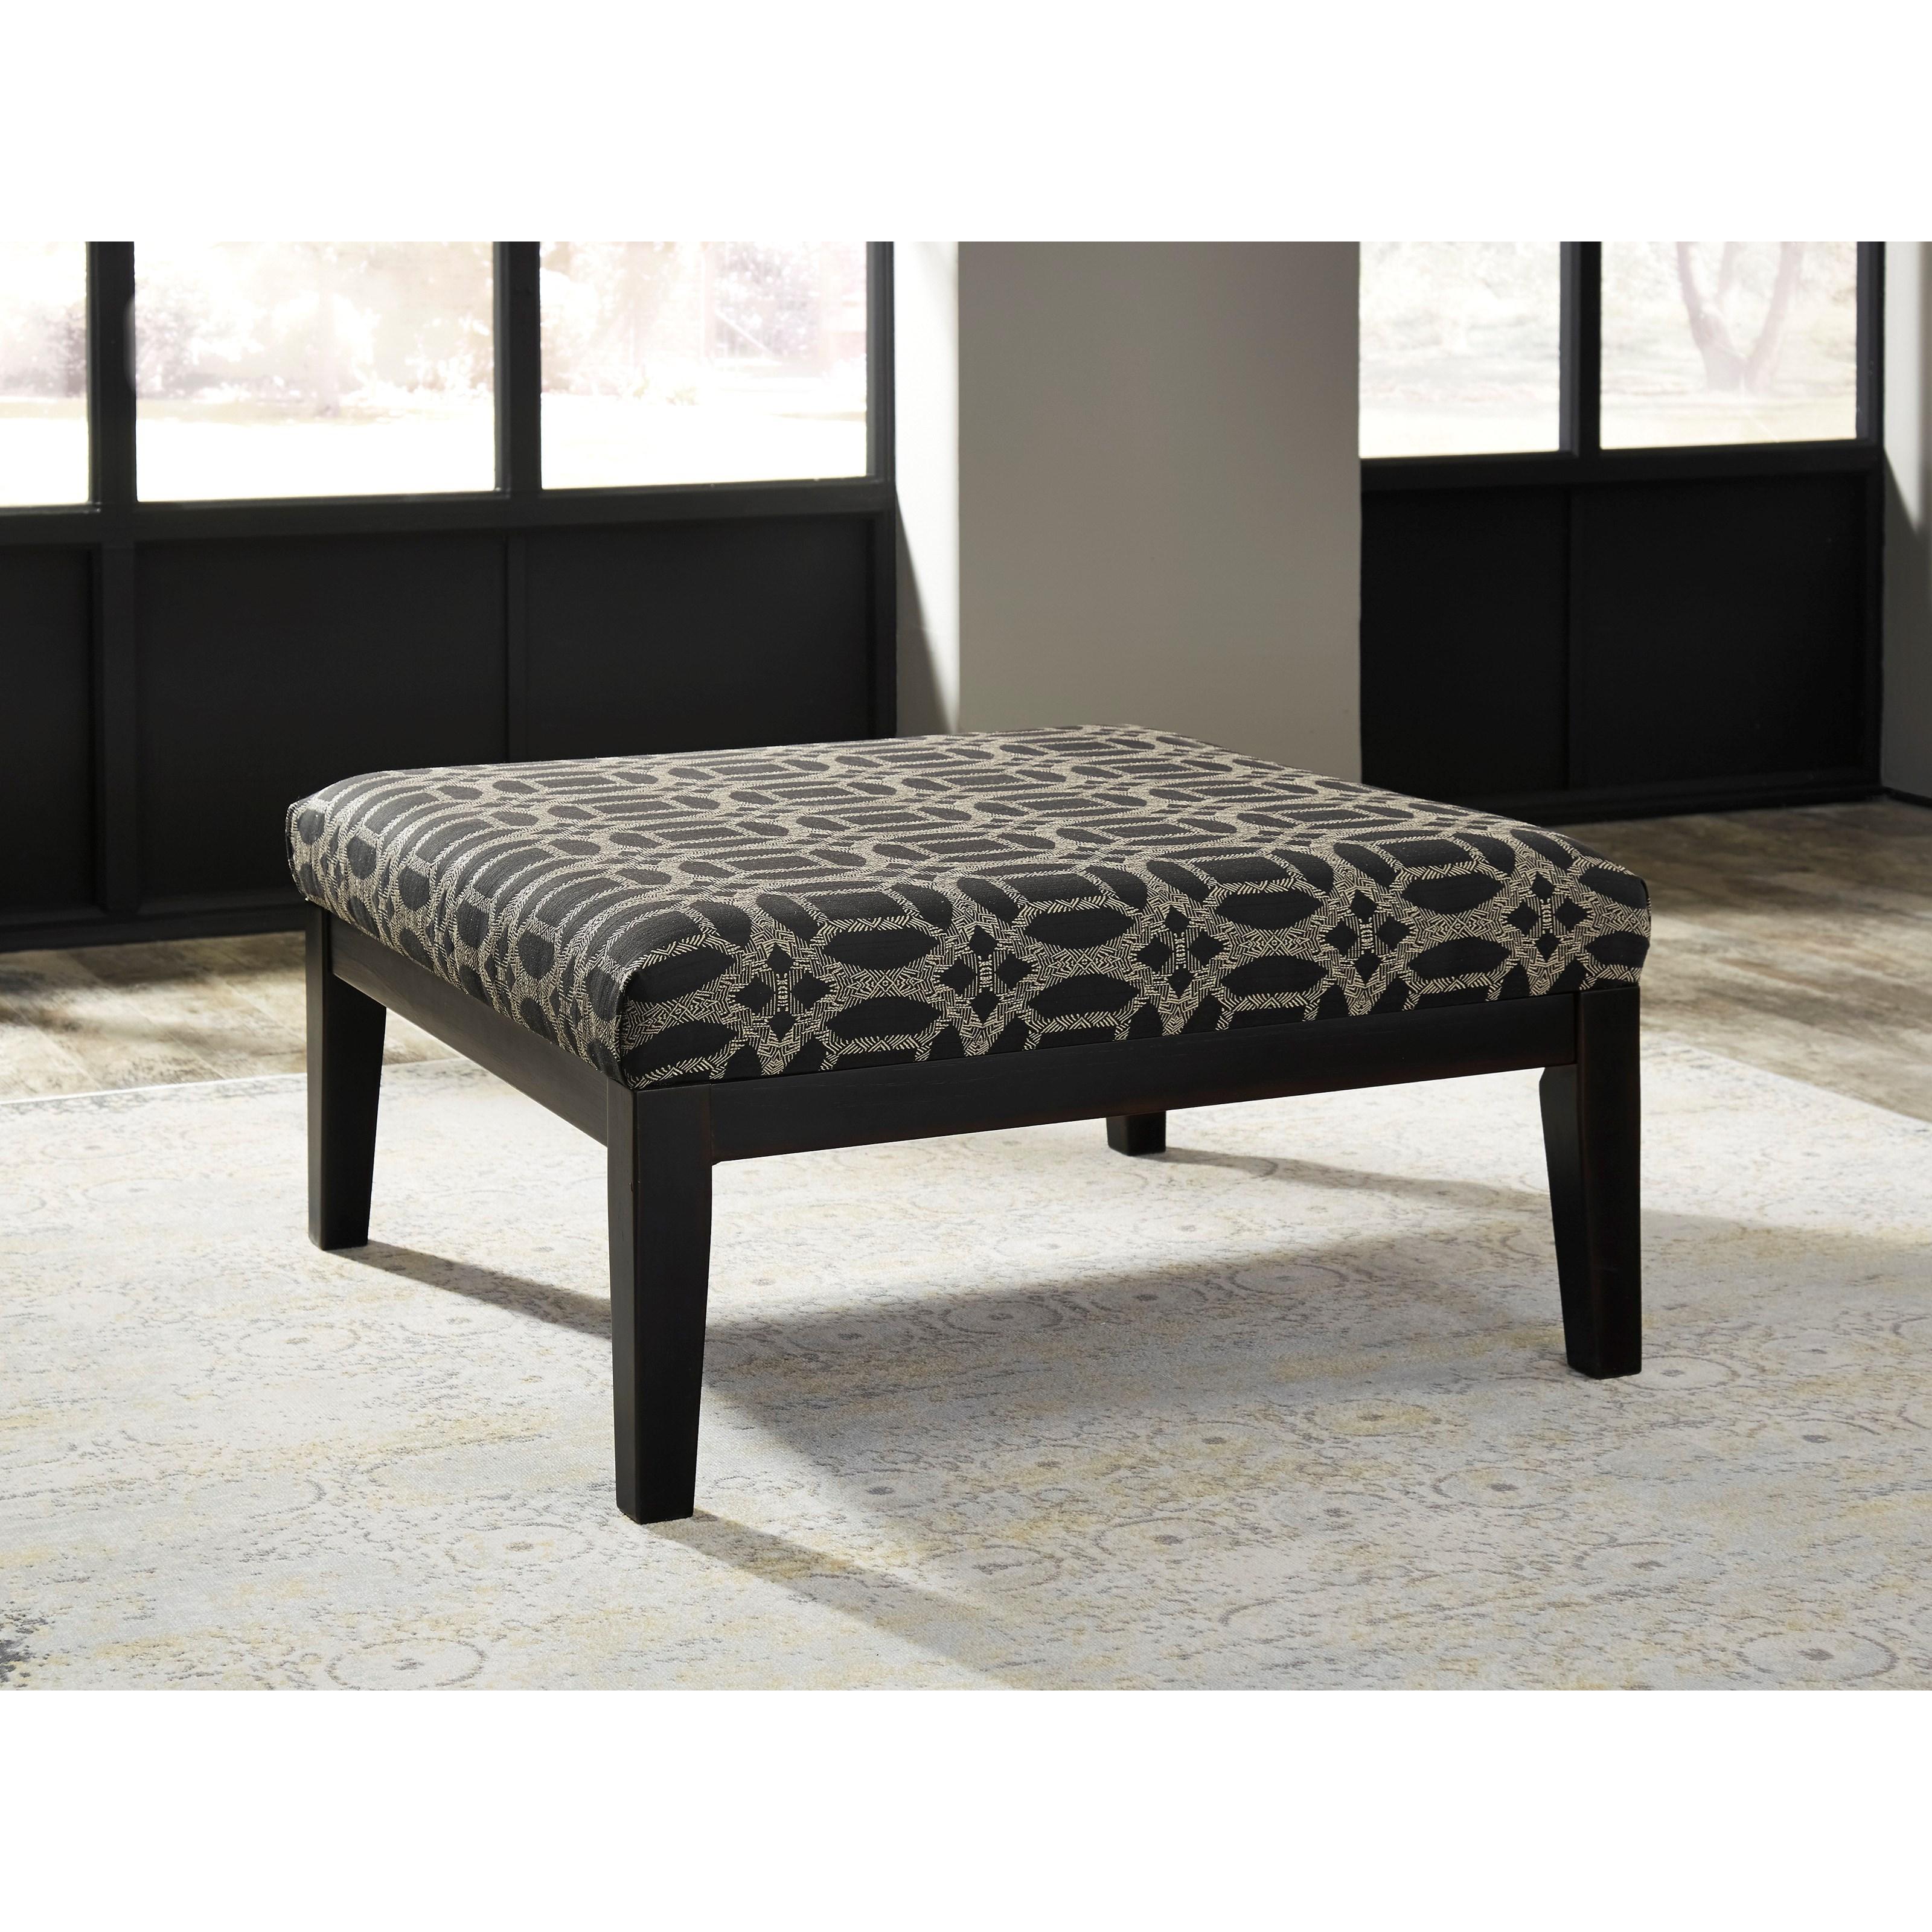 Benchcraft Cresson 5490708 Oversized Accent Ottoman John V Schultz Furniture Ottomans